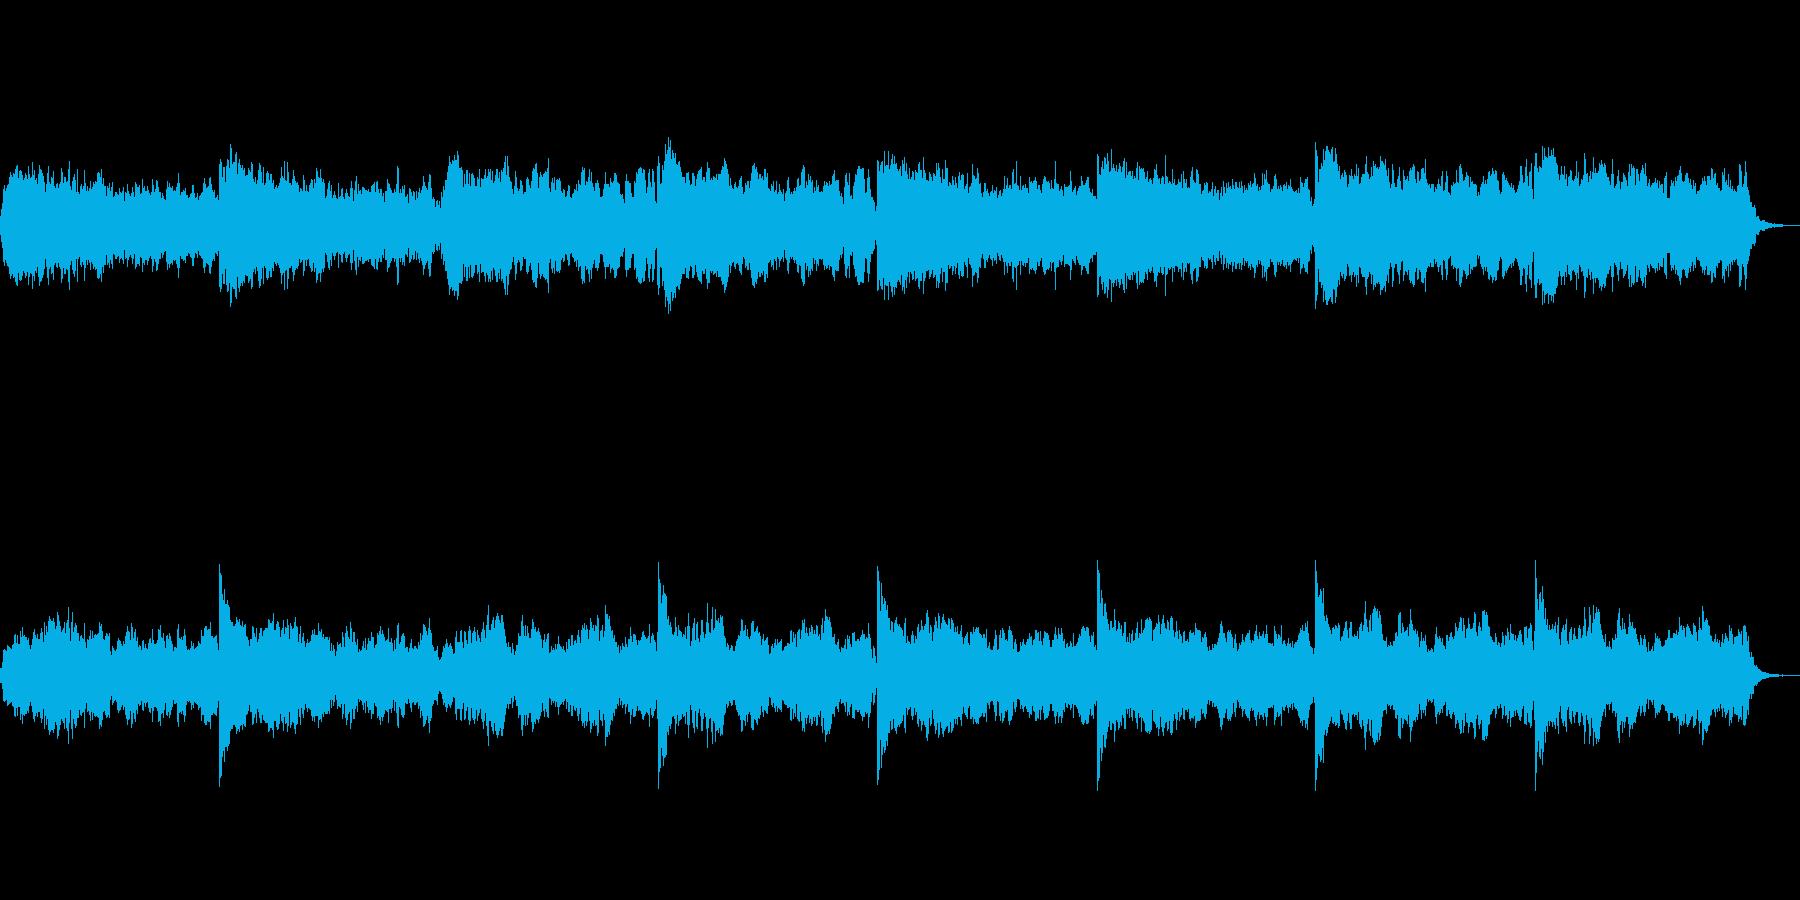 アルトフルートを使ったホラーな音楽の再生済みの波形